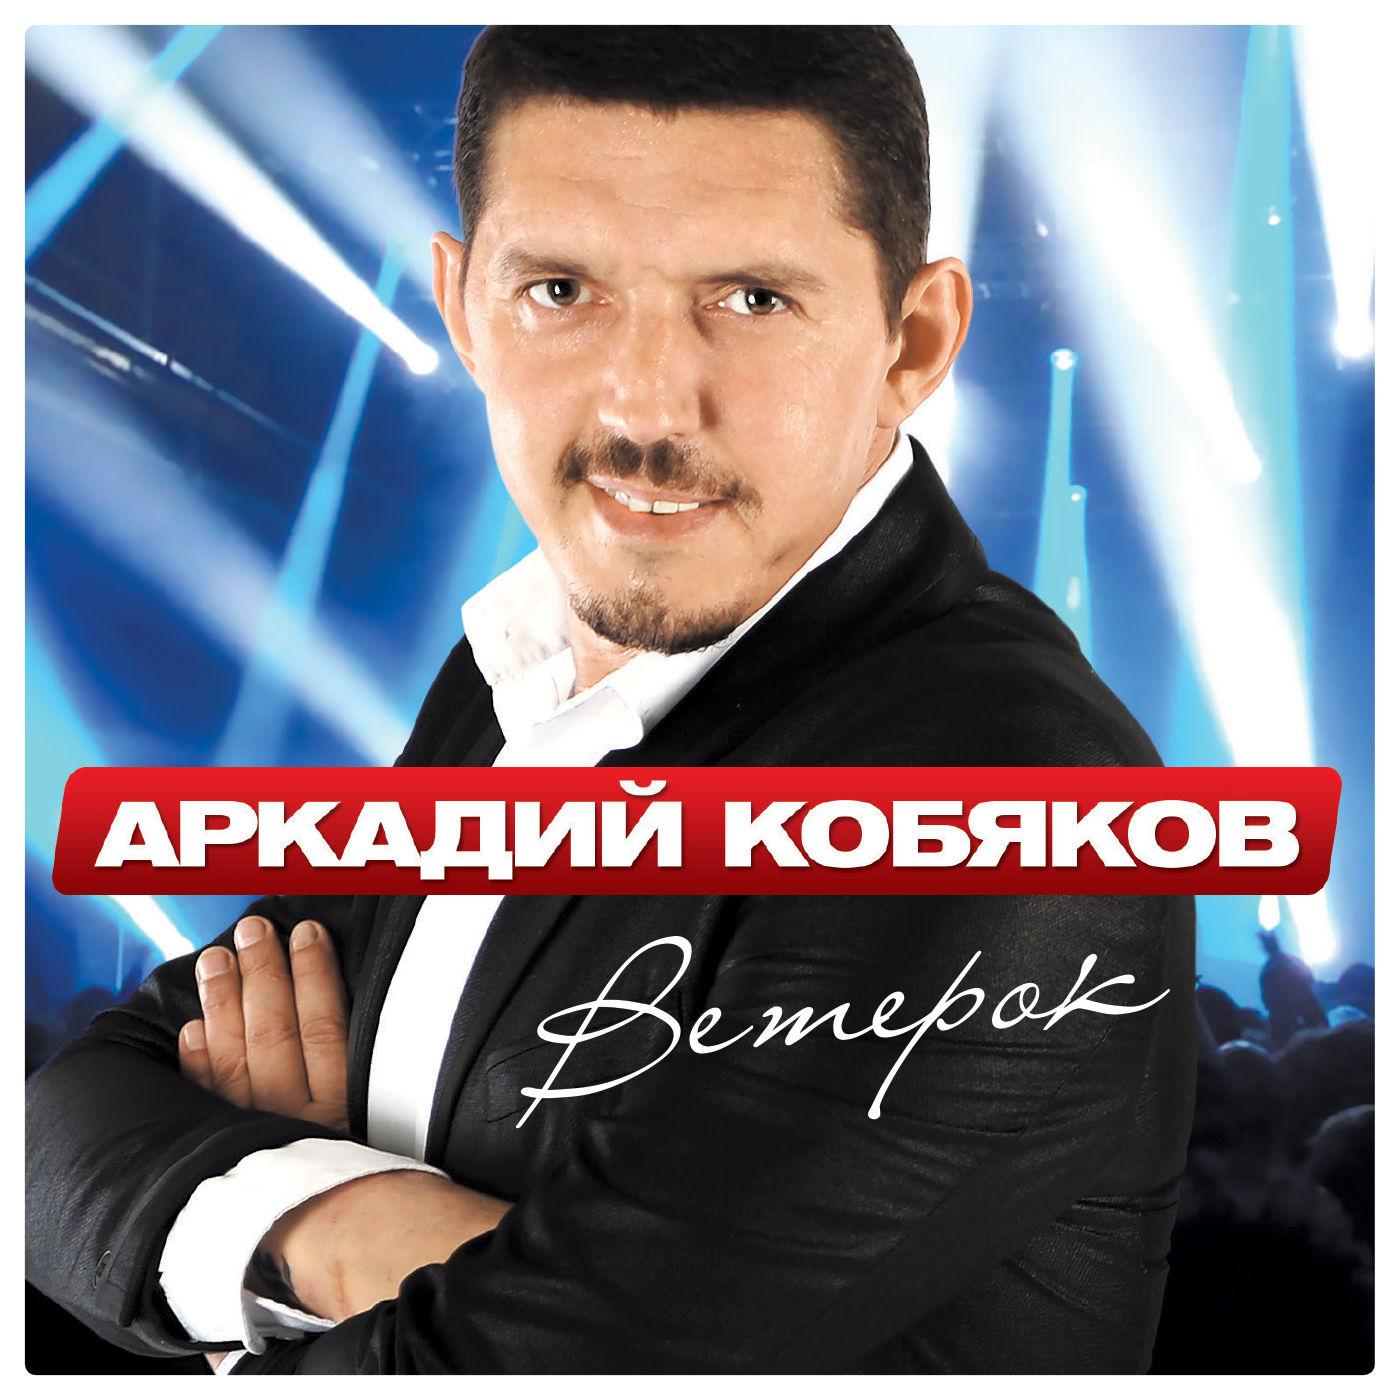 кобяков аркадий все песни клипы и концерты